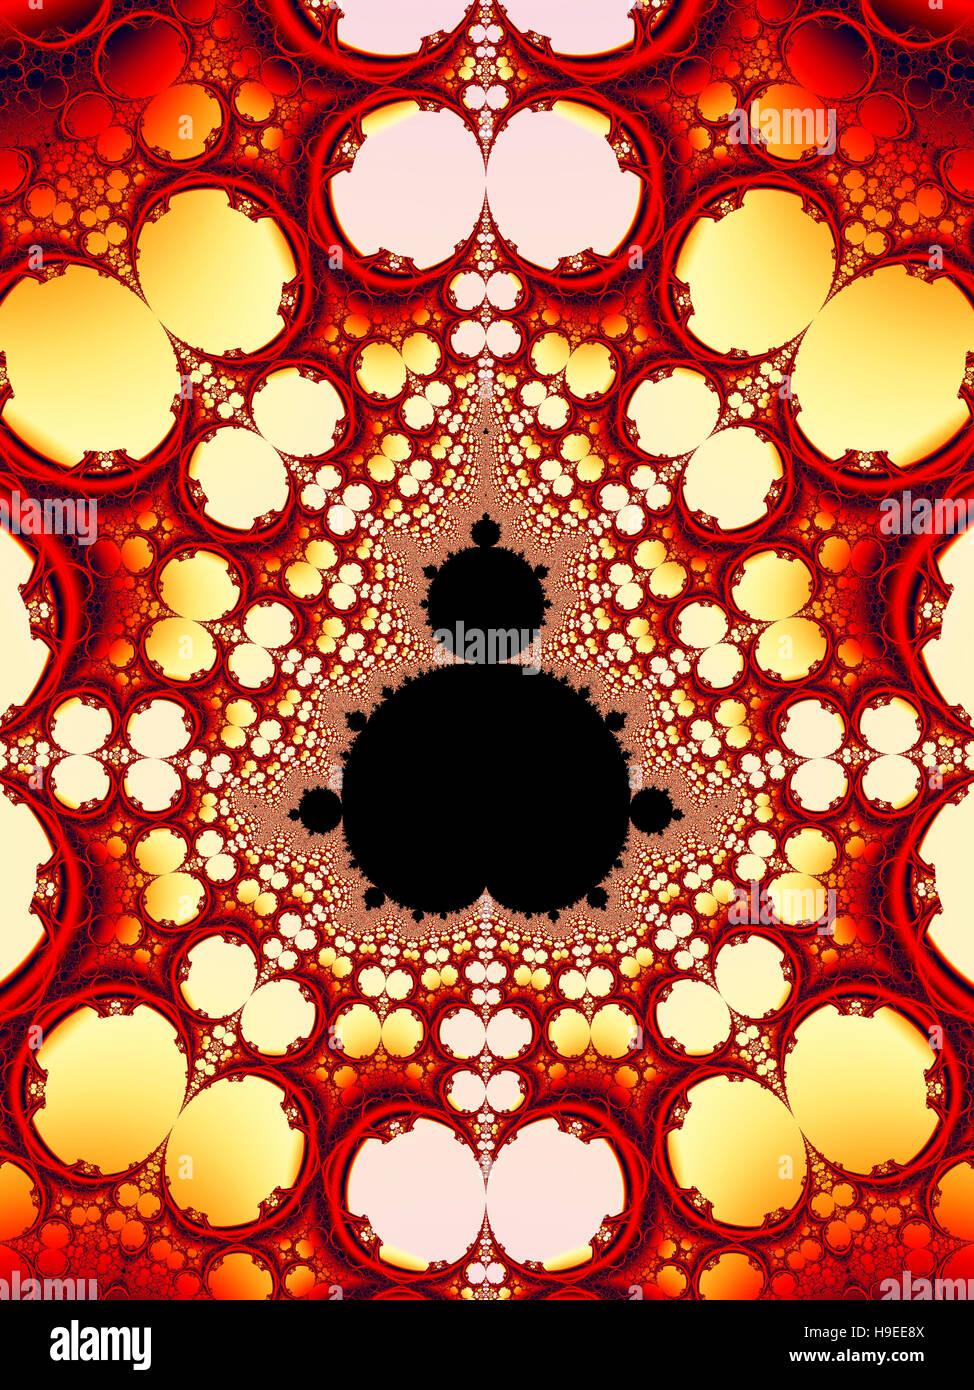 A Mandelbrot Set Fractal - Stock Image